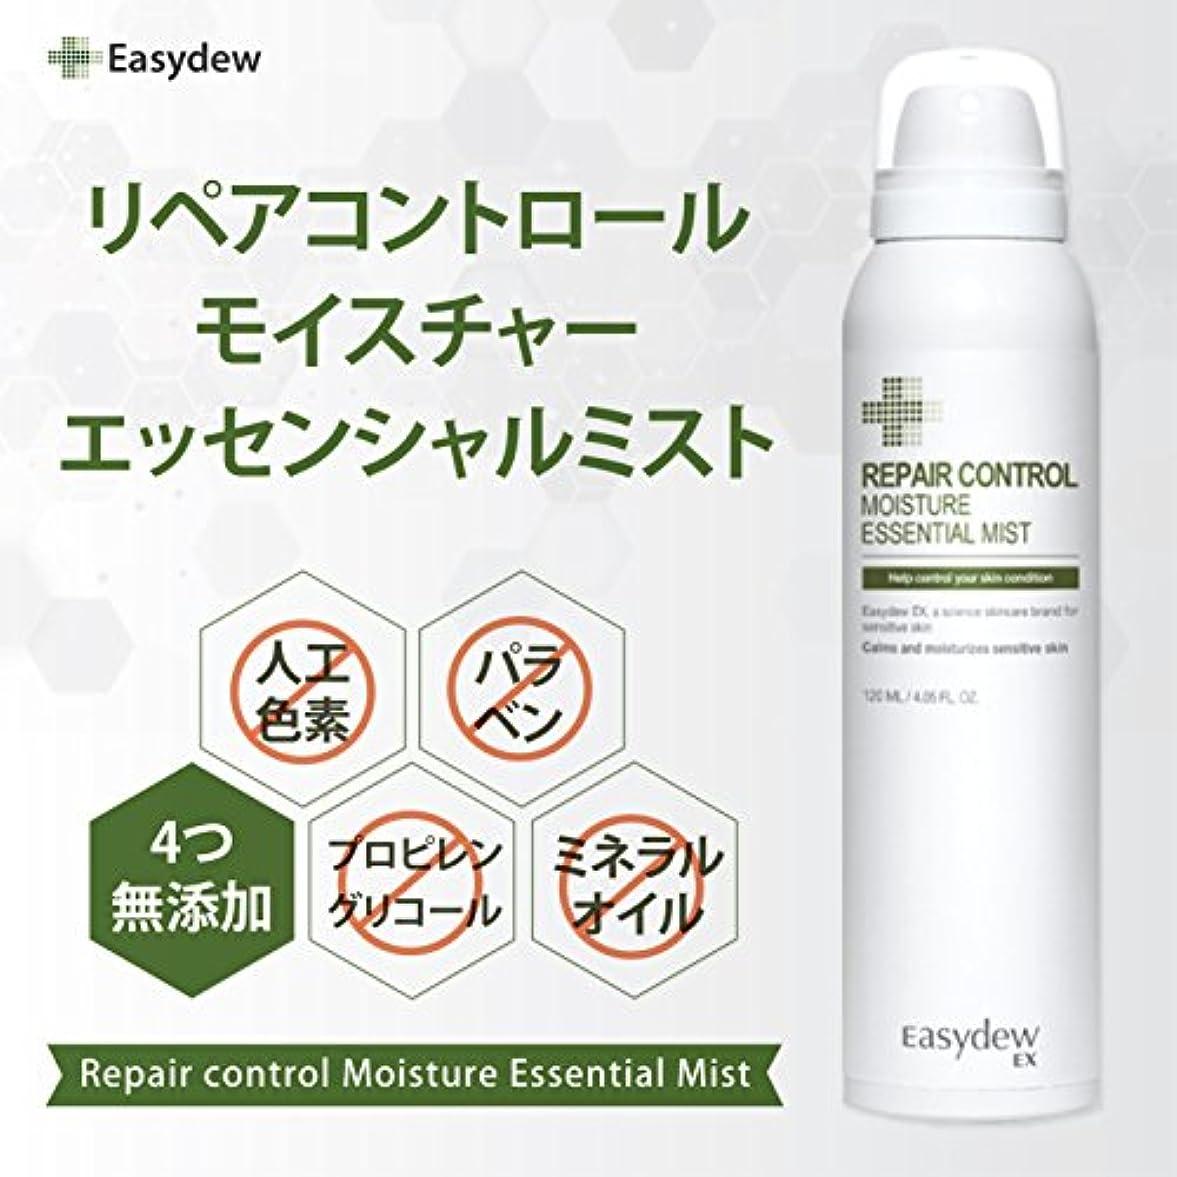 請う一貫性のない転用EASYDEW EX リペア コントロール モイスチャー エッセンシャル ミスト Repair Control Moisture Essential Mist 120ml